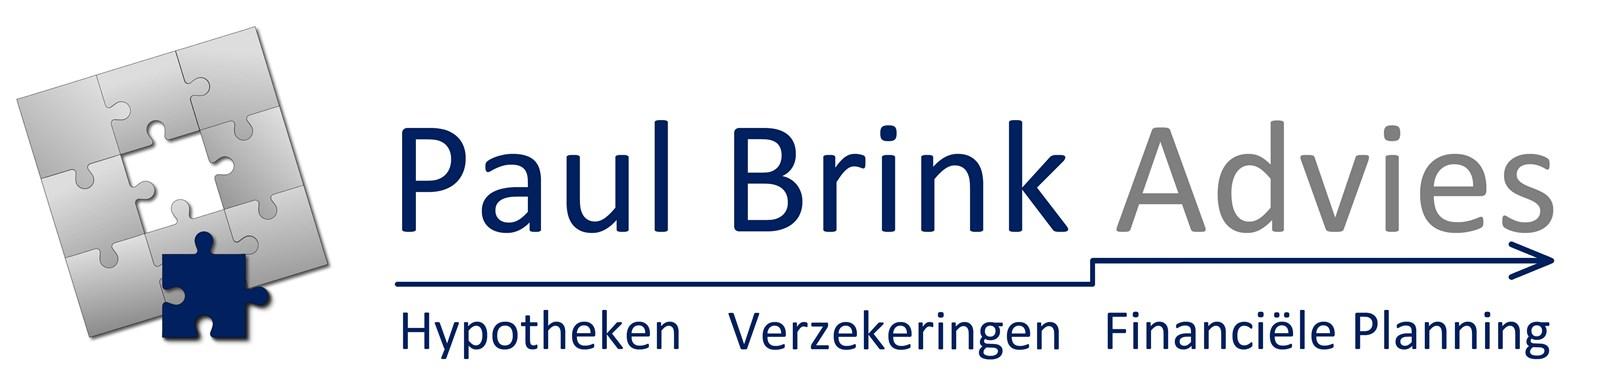 Logo van Paul Brink Advies